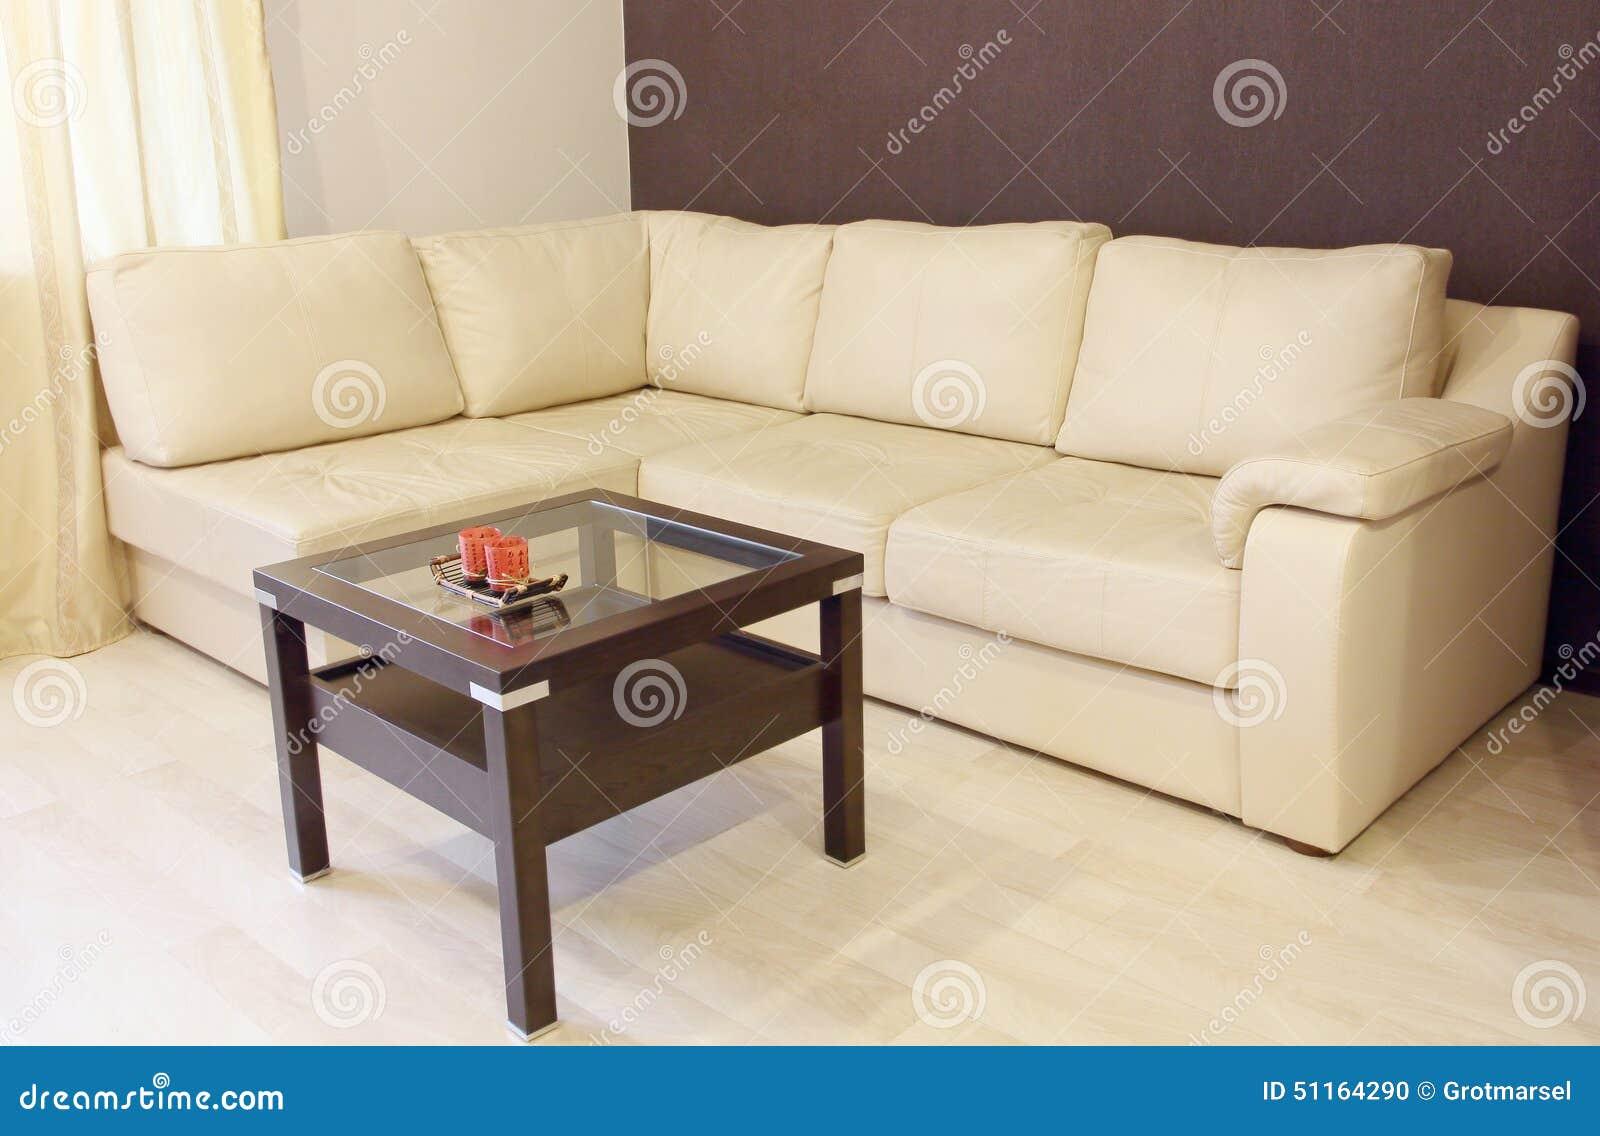 Sof de couro de canto branco moderno e tabela de madeira - Sofas modernos fotos ...